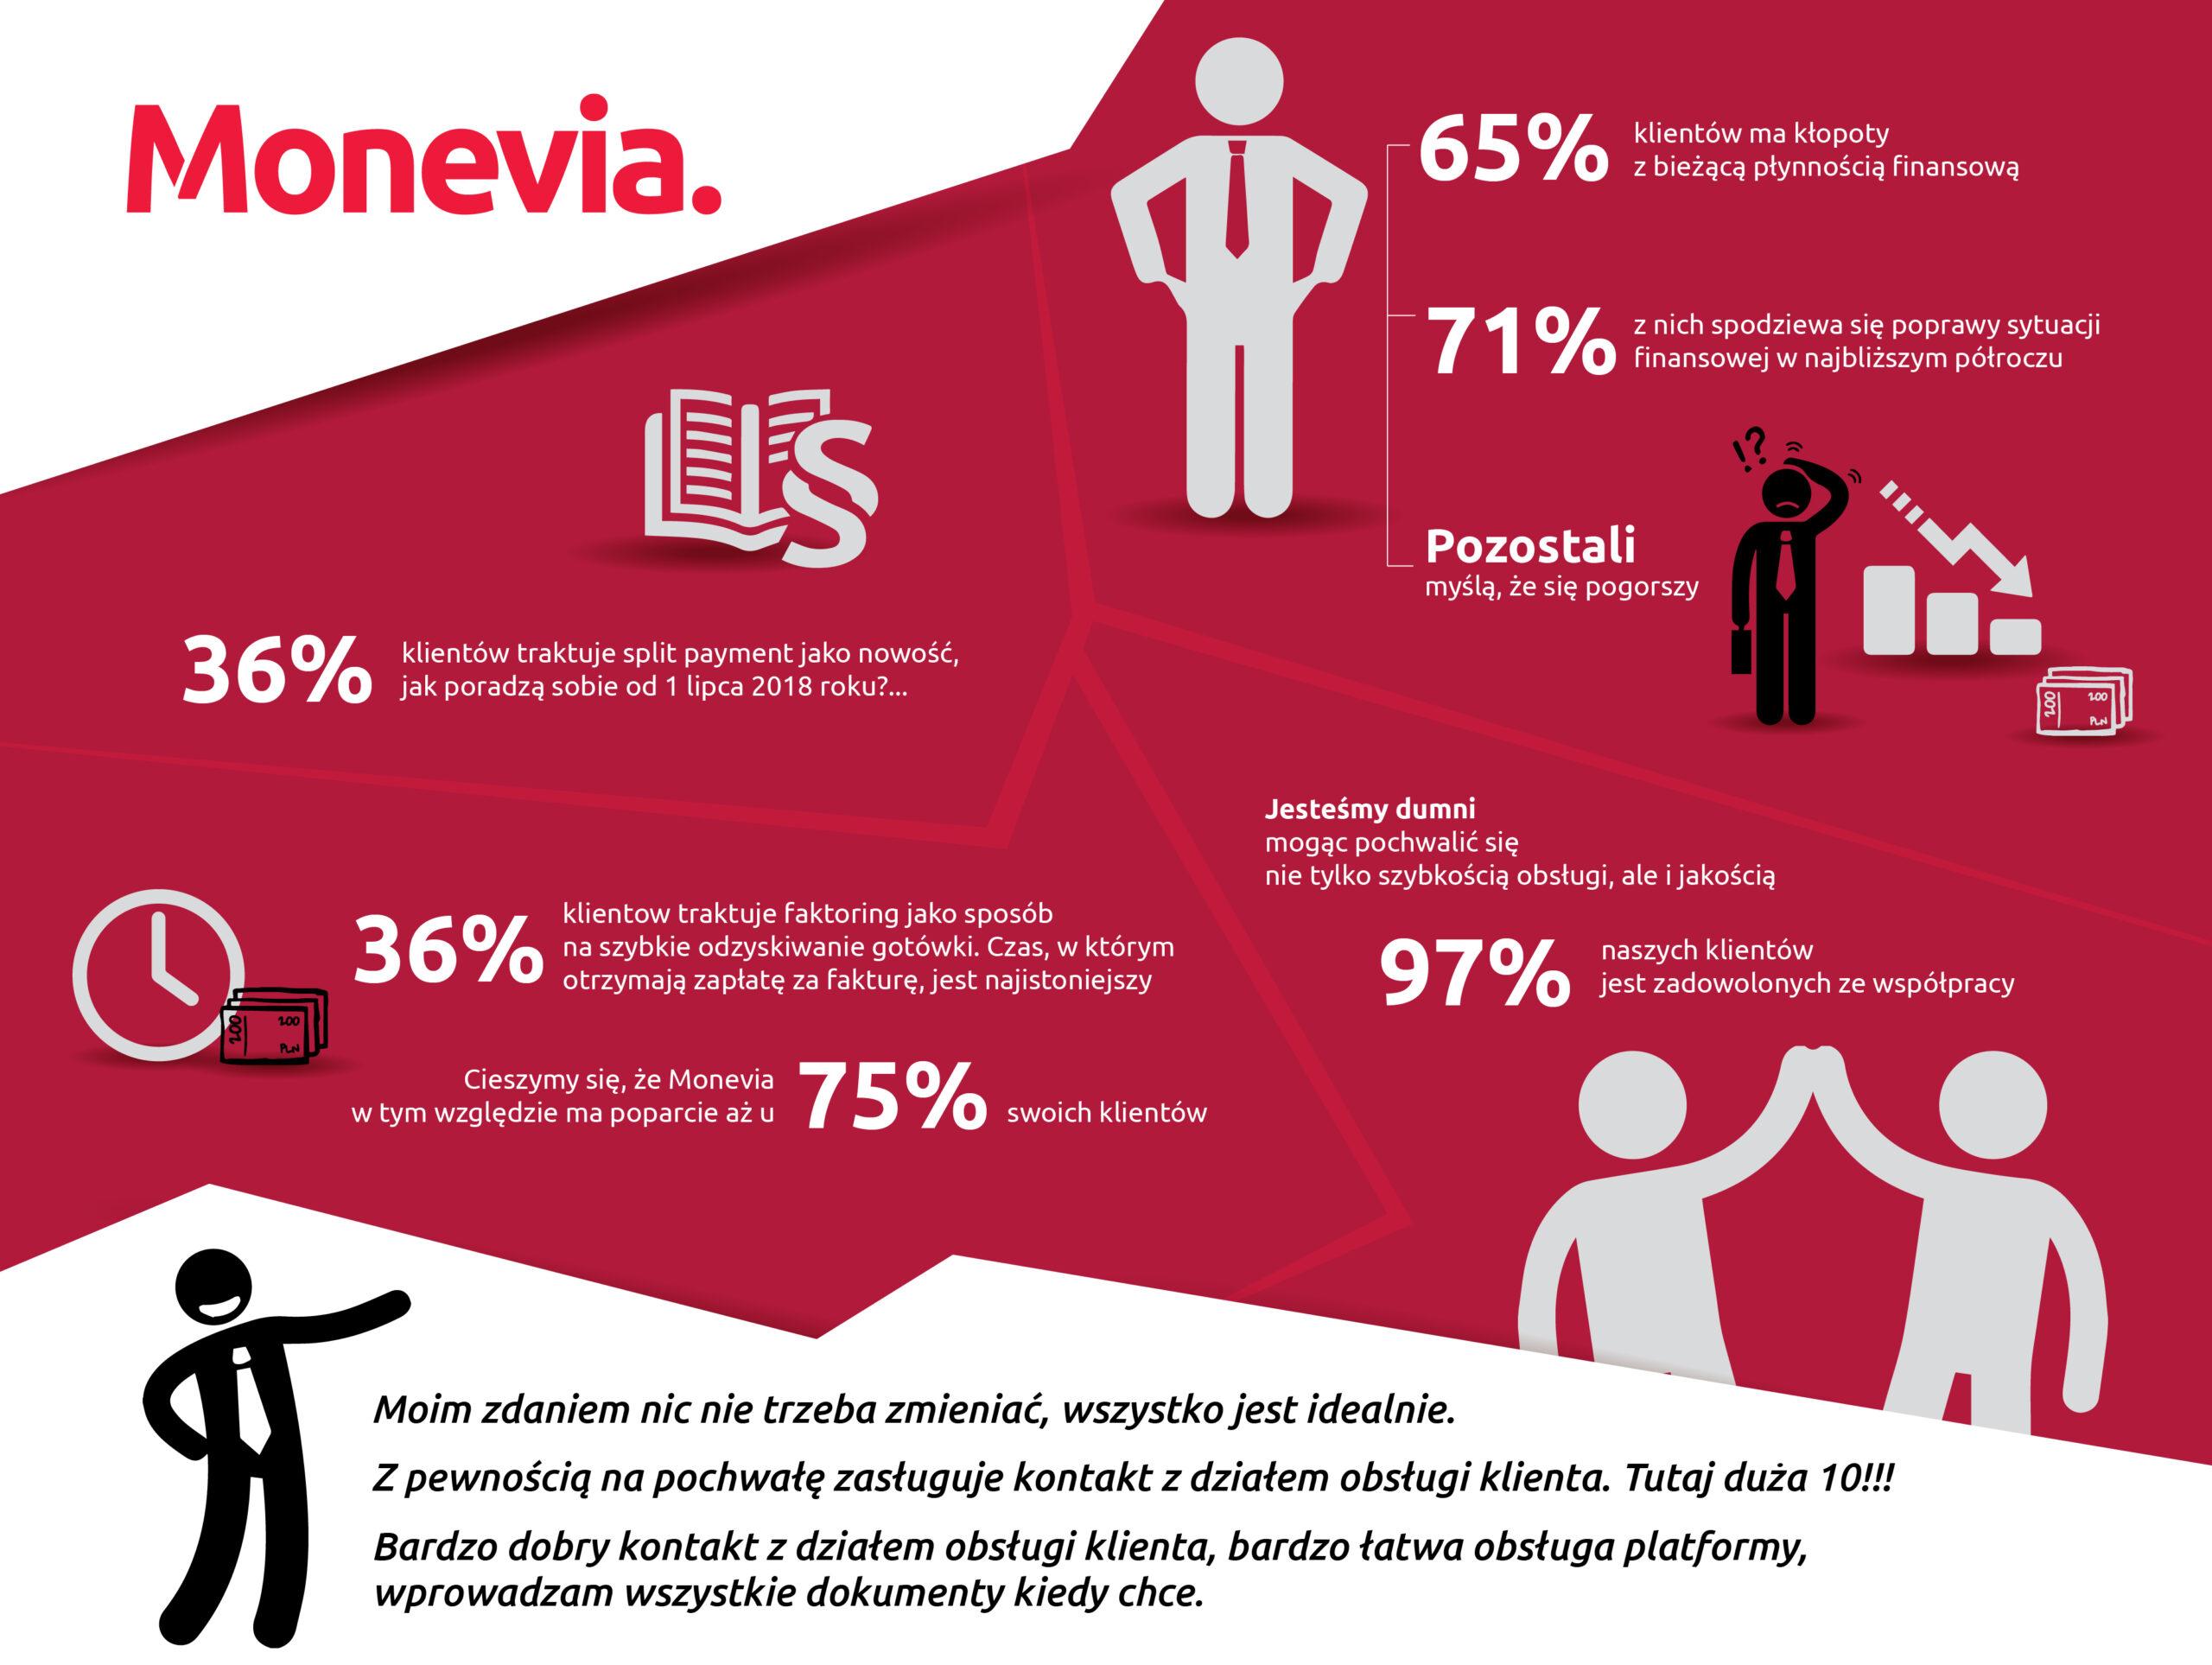 Polscy mikro-przedsiębiorcy są pełni optymizmu, pomimo perspektywy Split Payment i ciągłych luk płynnościowych